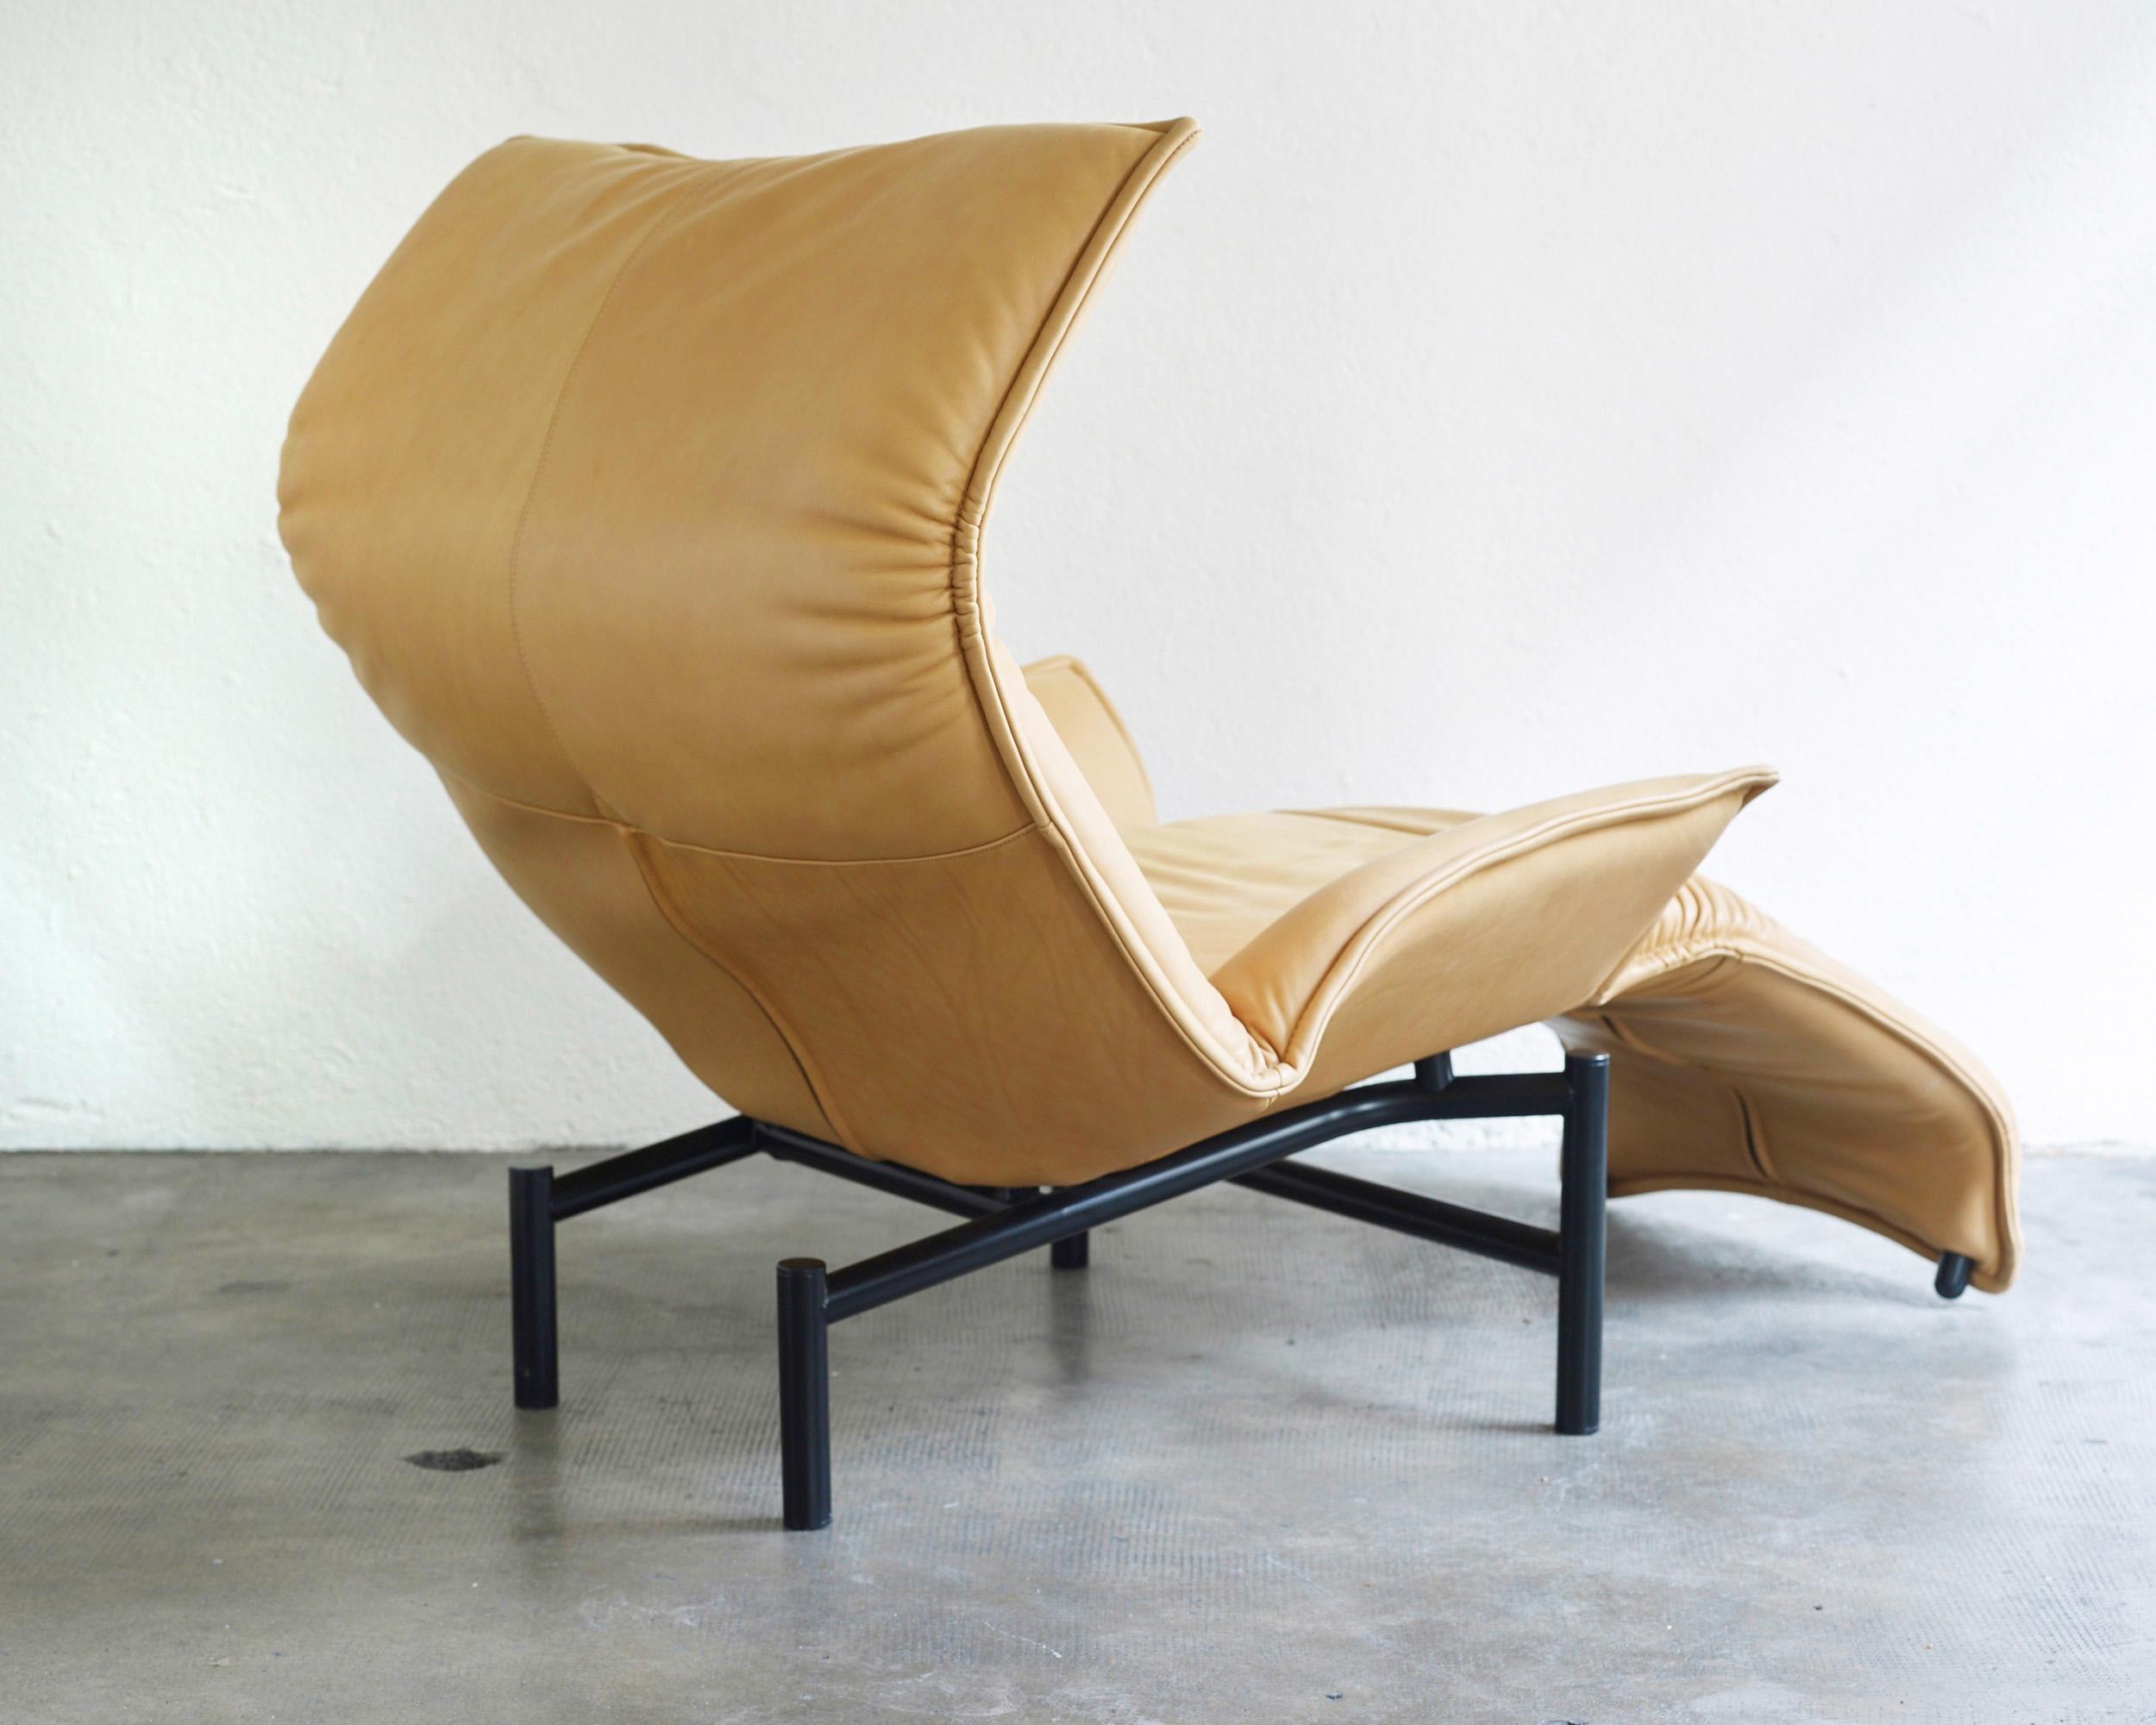 veranda-lounge-chair-by-vico-magistretti-image-03